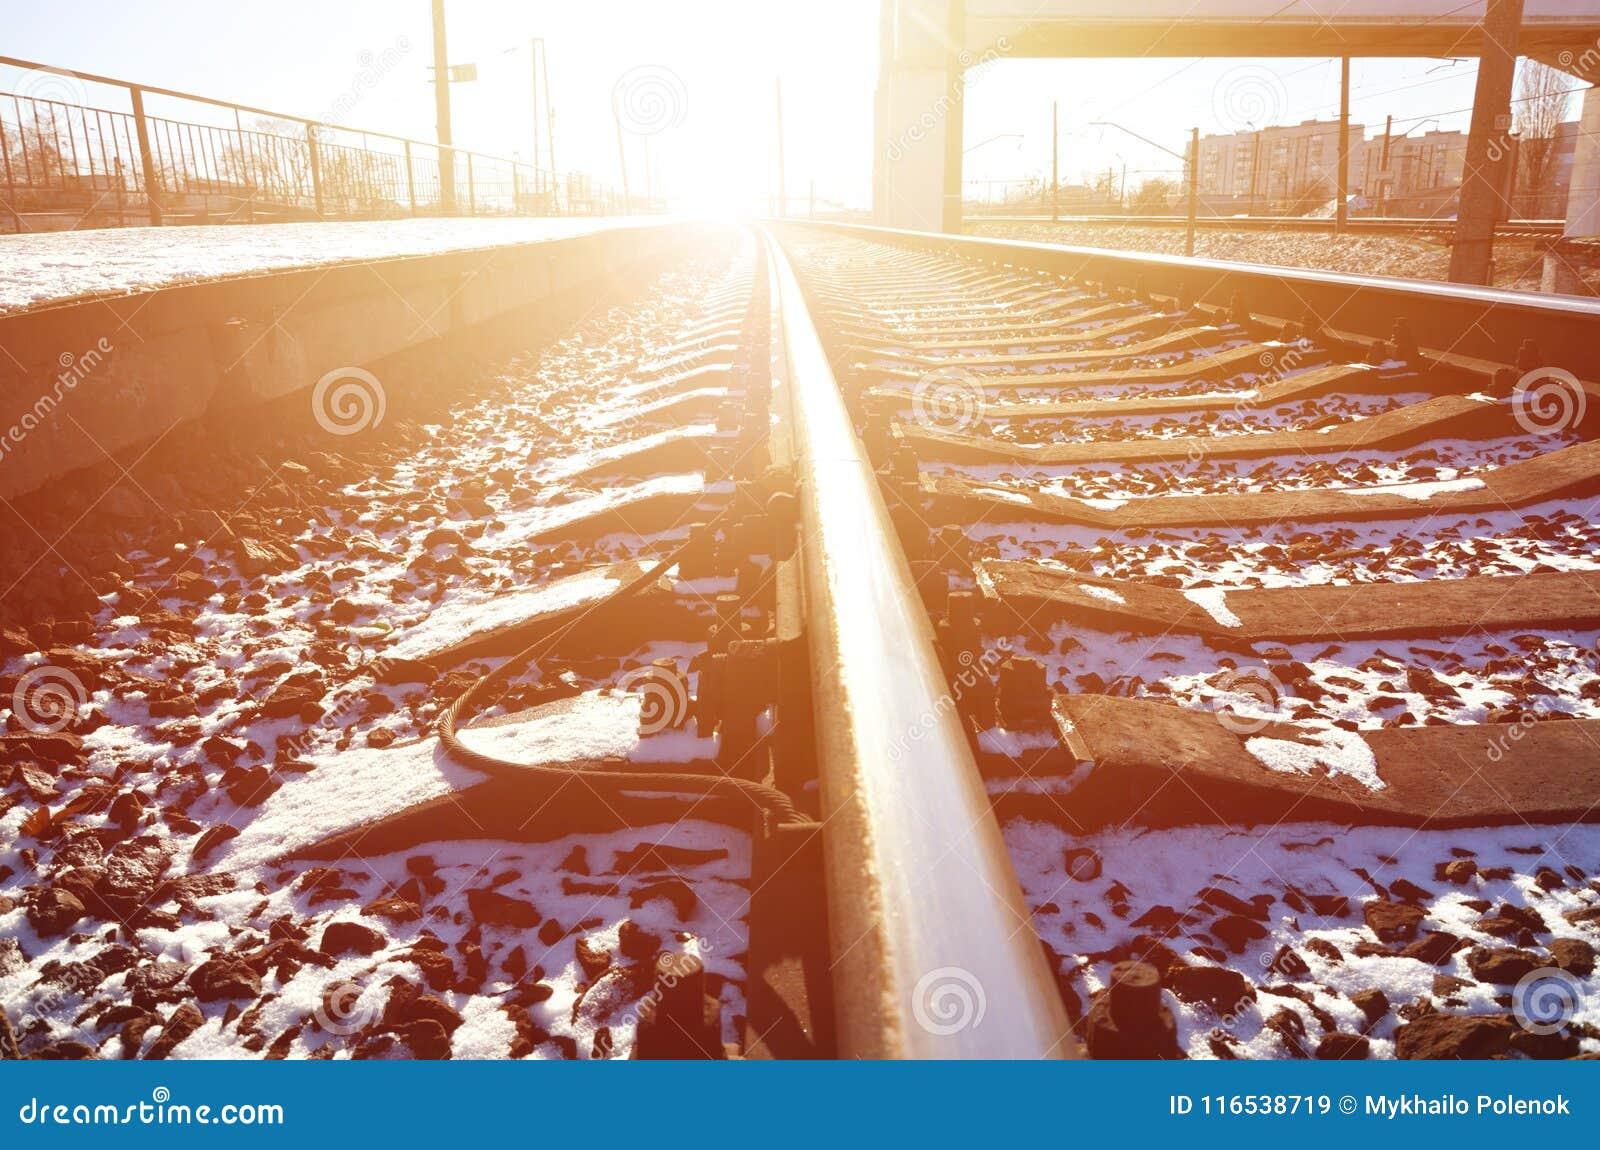 Η κενή πλατφόρμα σιδηροδρομικών σταθμών για την αναμονή εκπαιδεύει ` Novoselovka ` σε Kharkiv, Ουκρανία Πλατφόρμα σιδηροδρόμων το